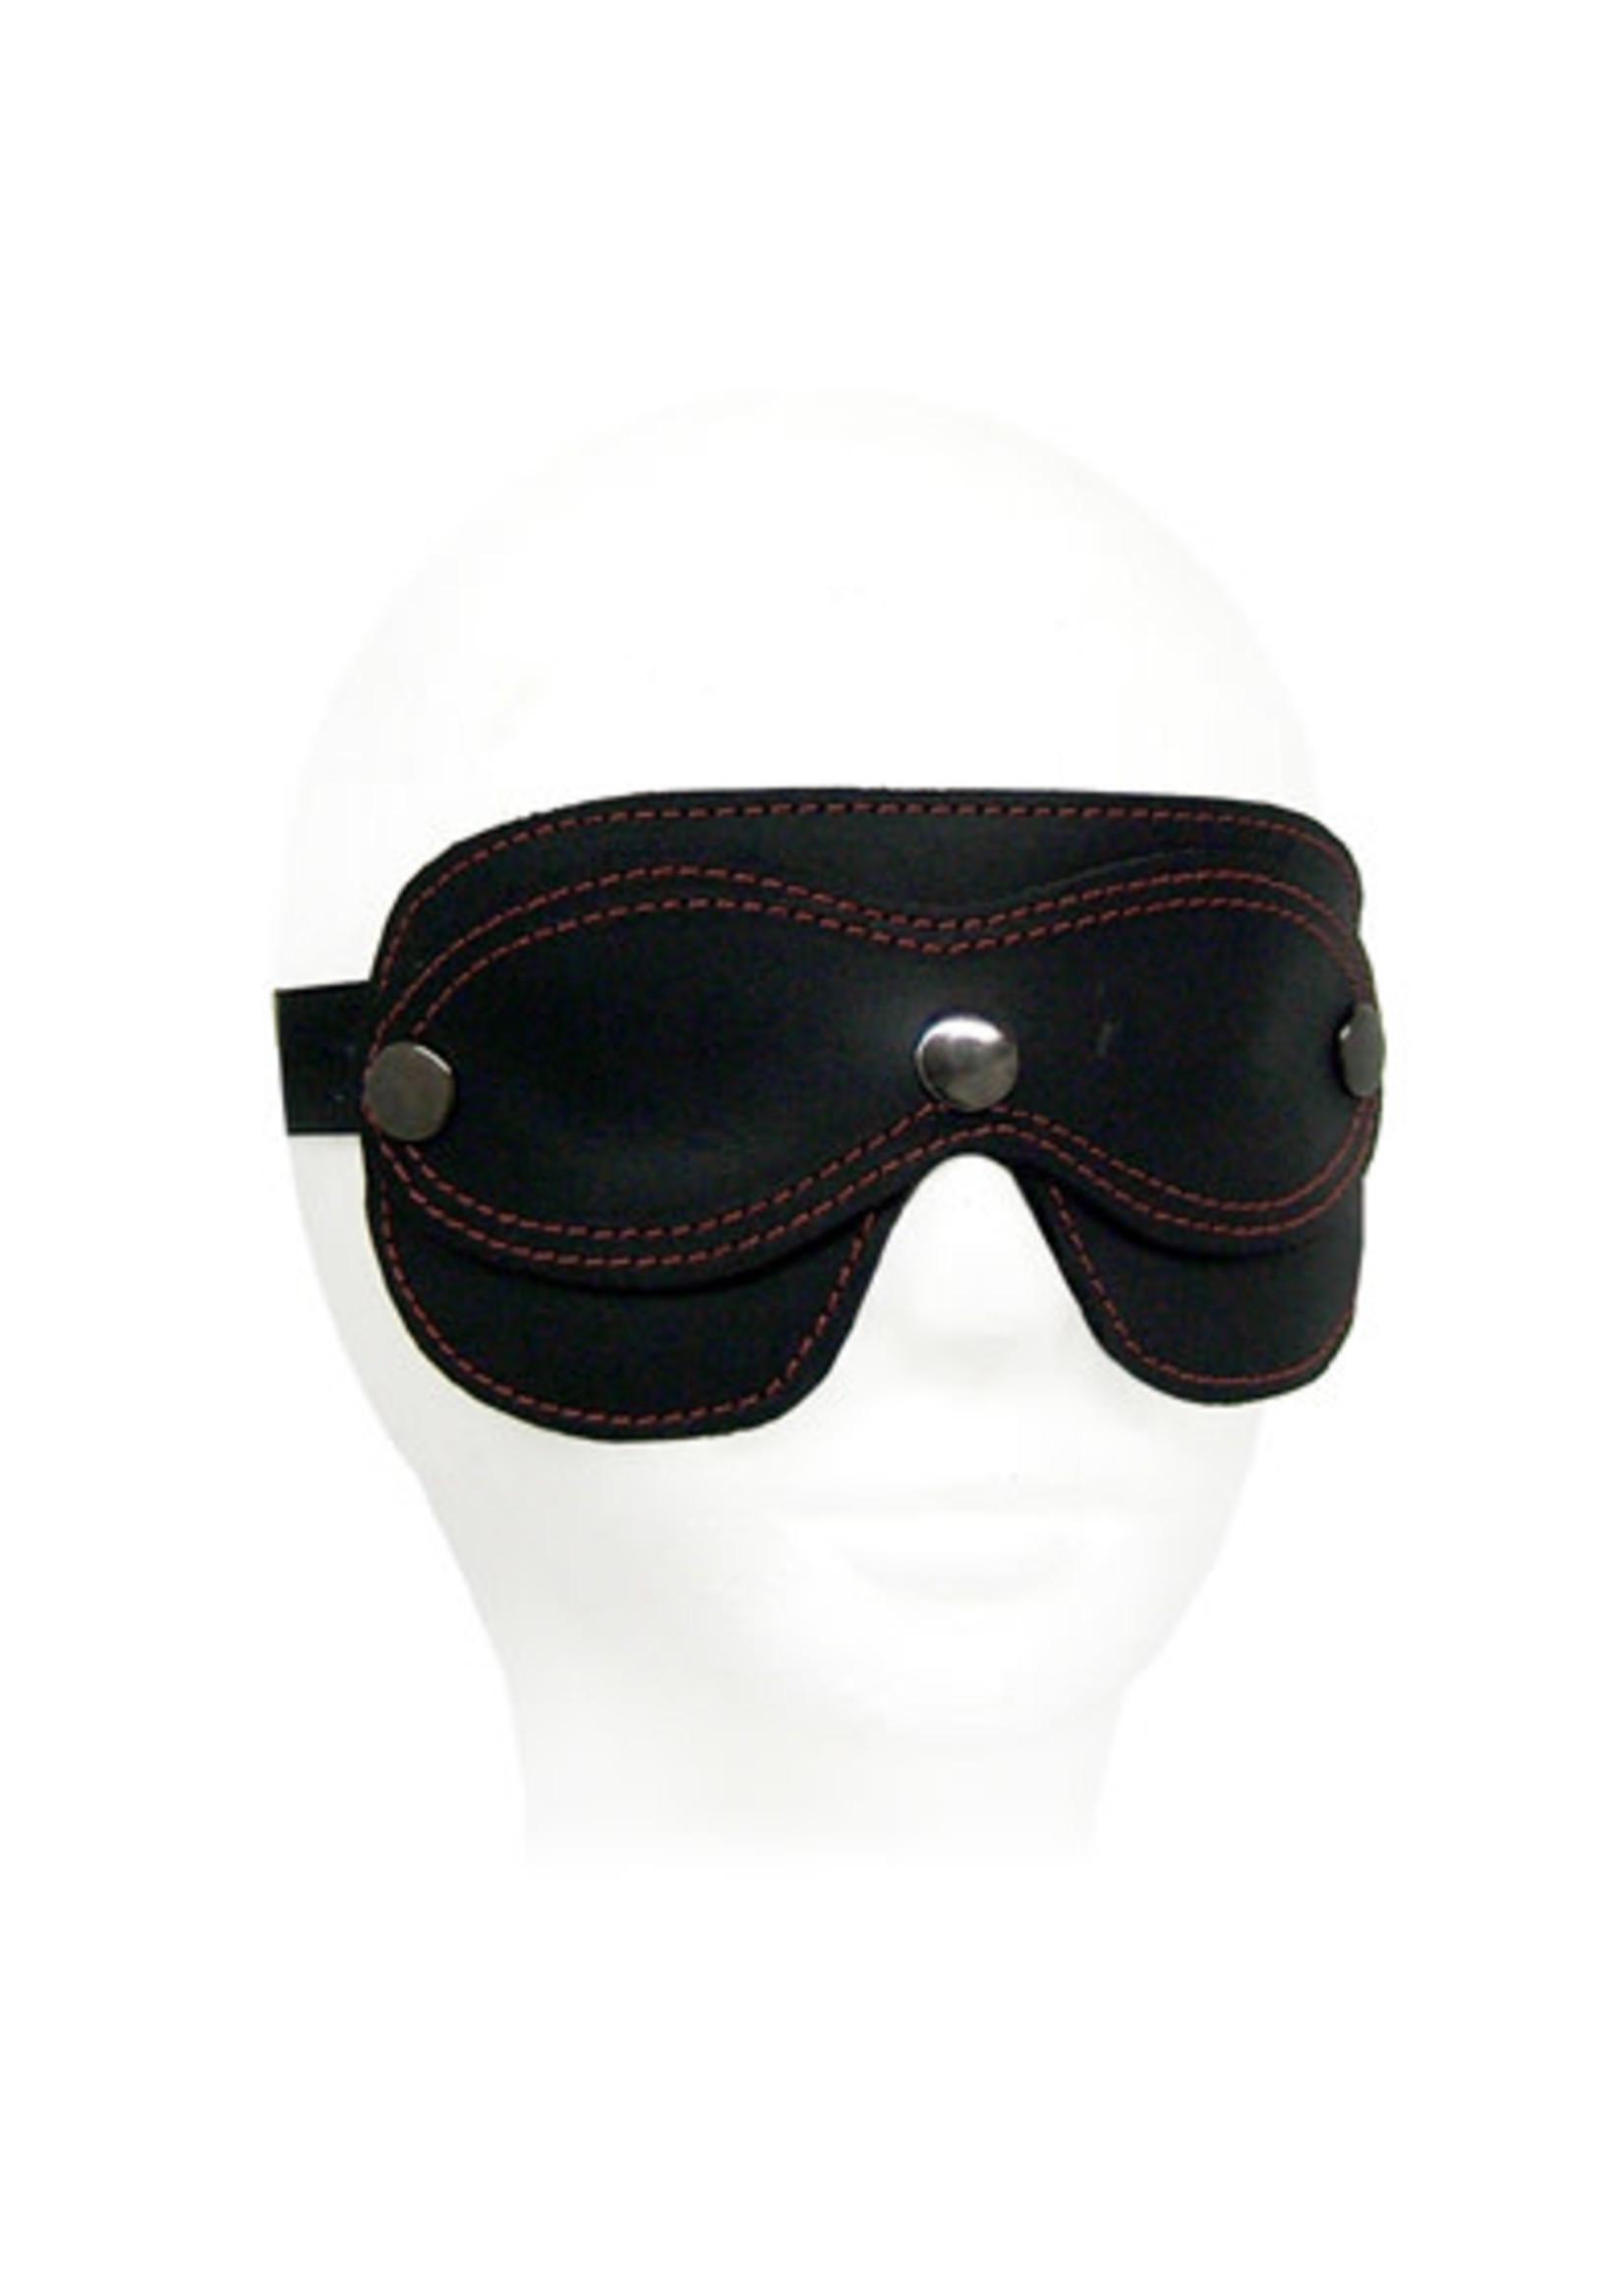 Kookie INT'L Kookie Leather Blindfold